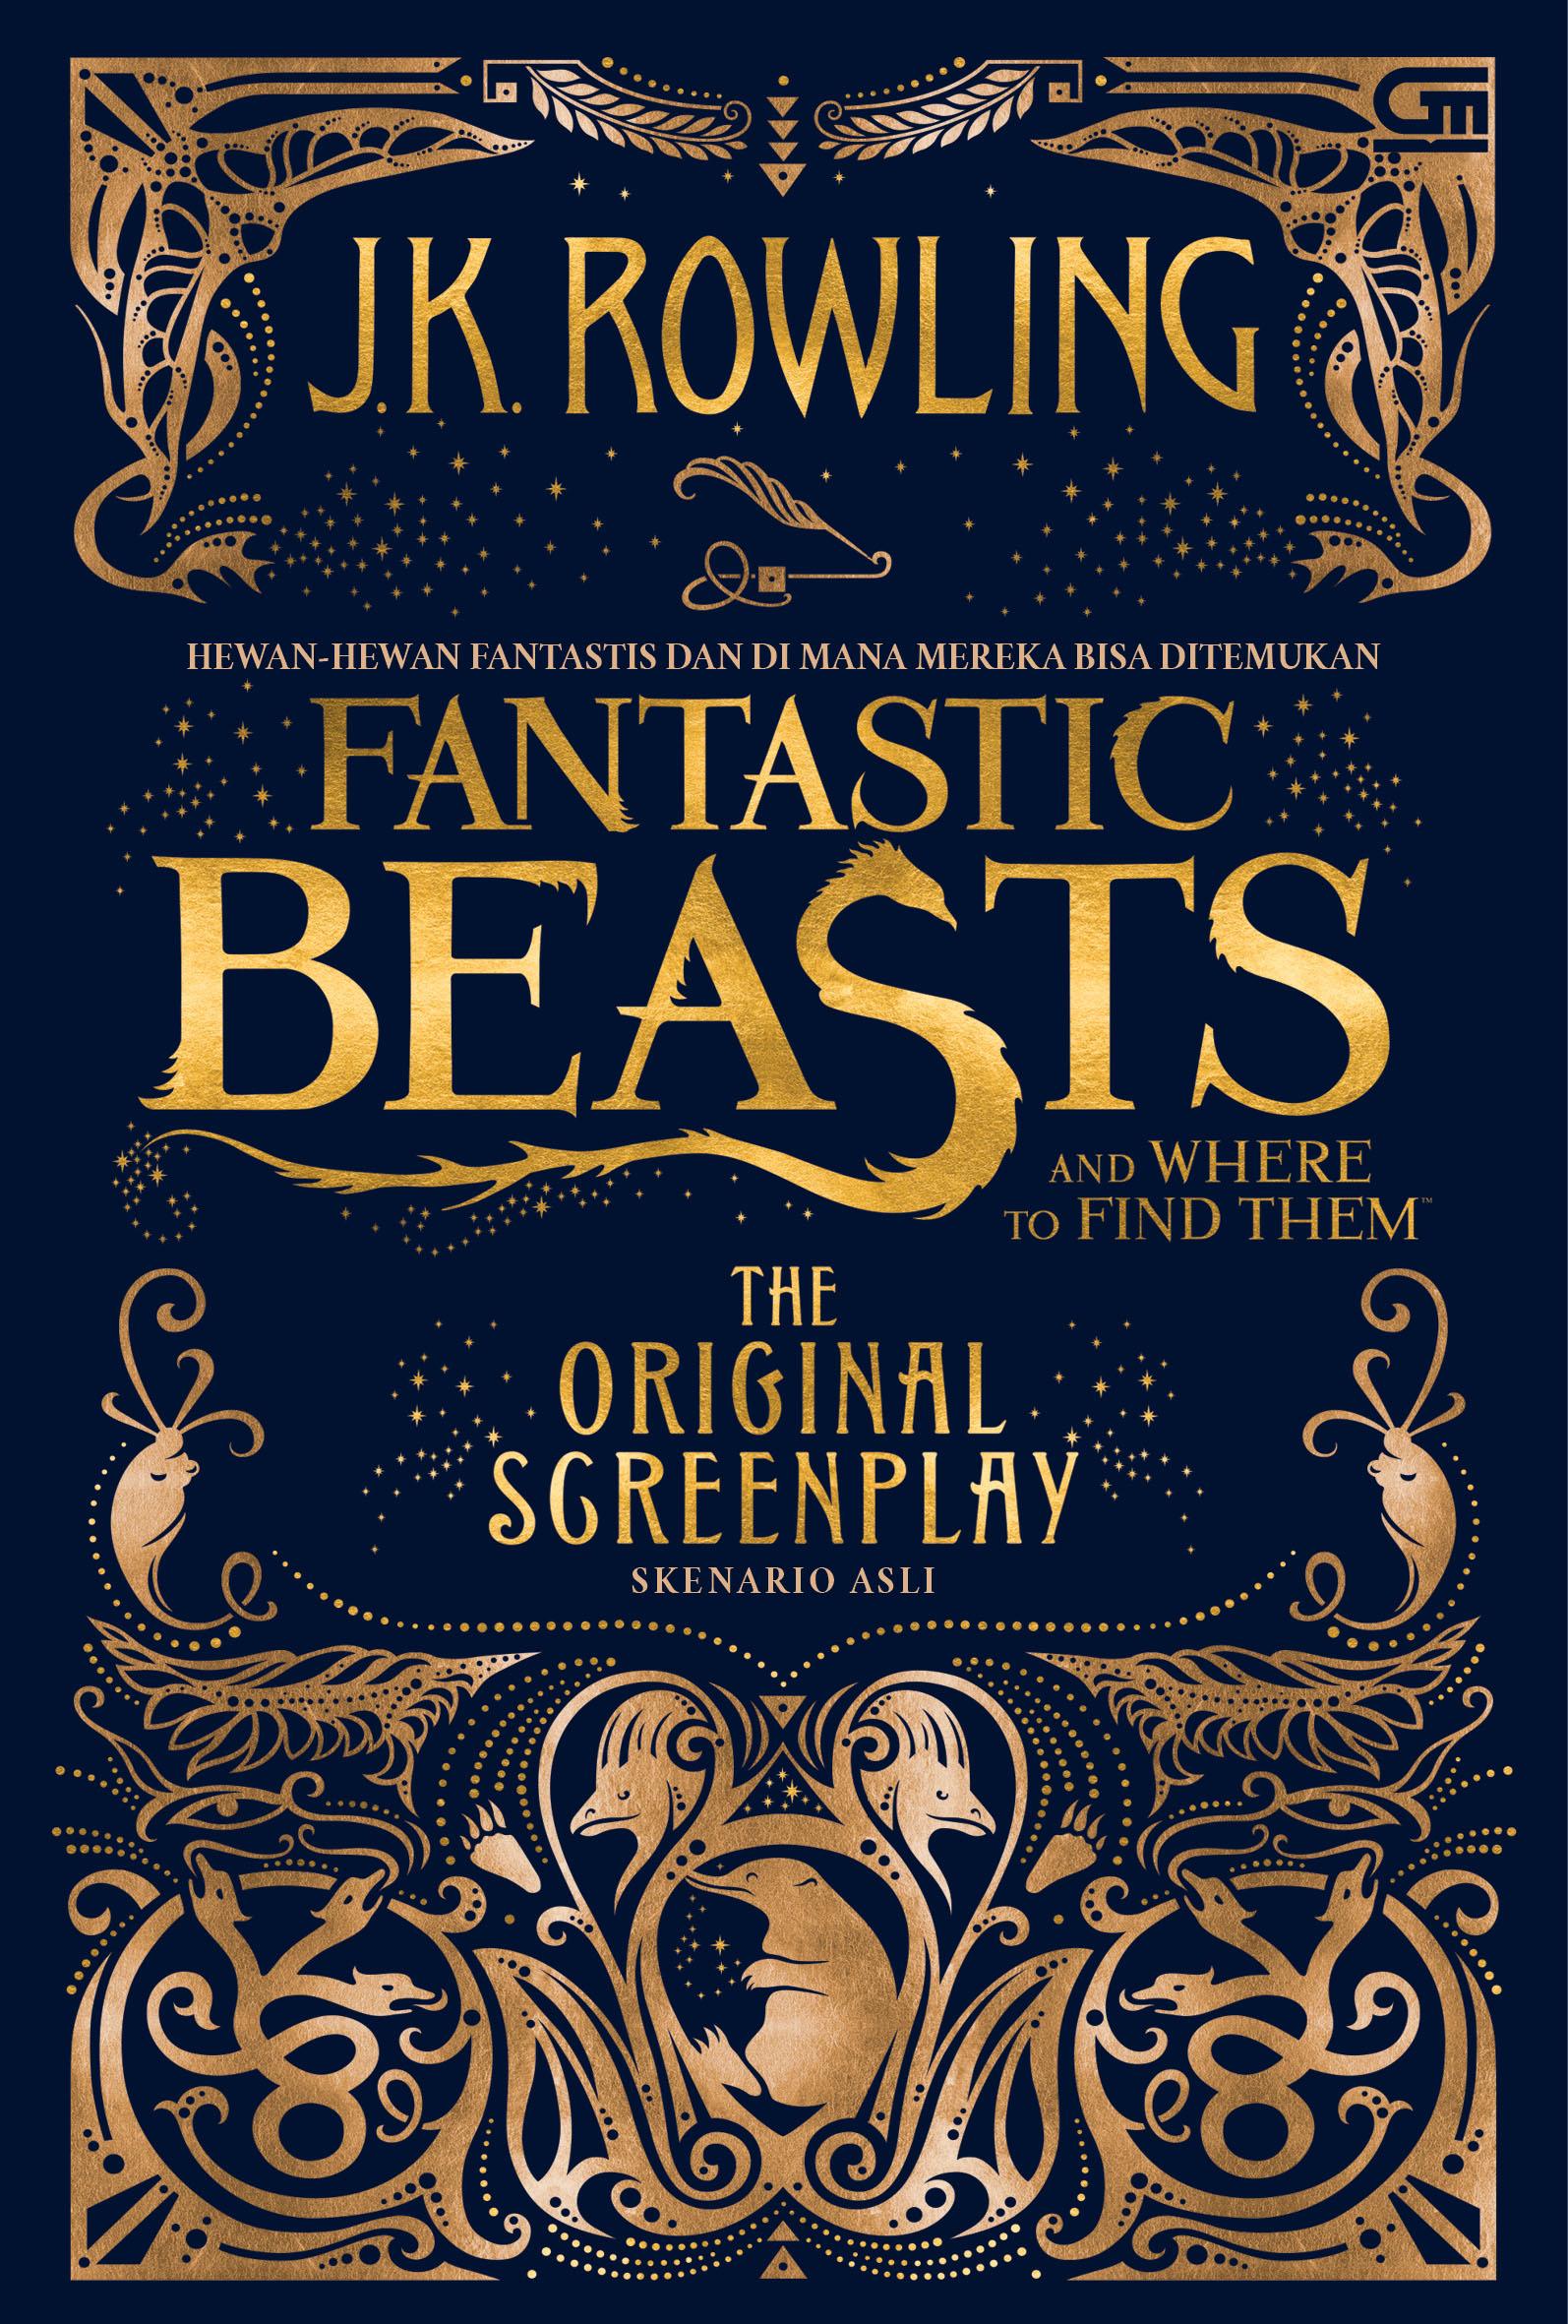 Hewan-Hewan Fantastis dan Dimana Mereka Bisa Ditemukan - Skenario Asli (Fantastic Beasts and Where to Find Them (Original Screen